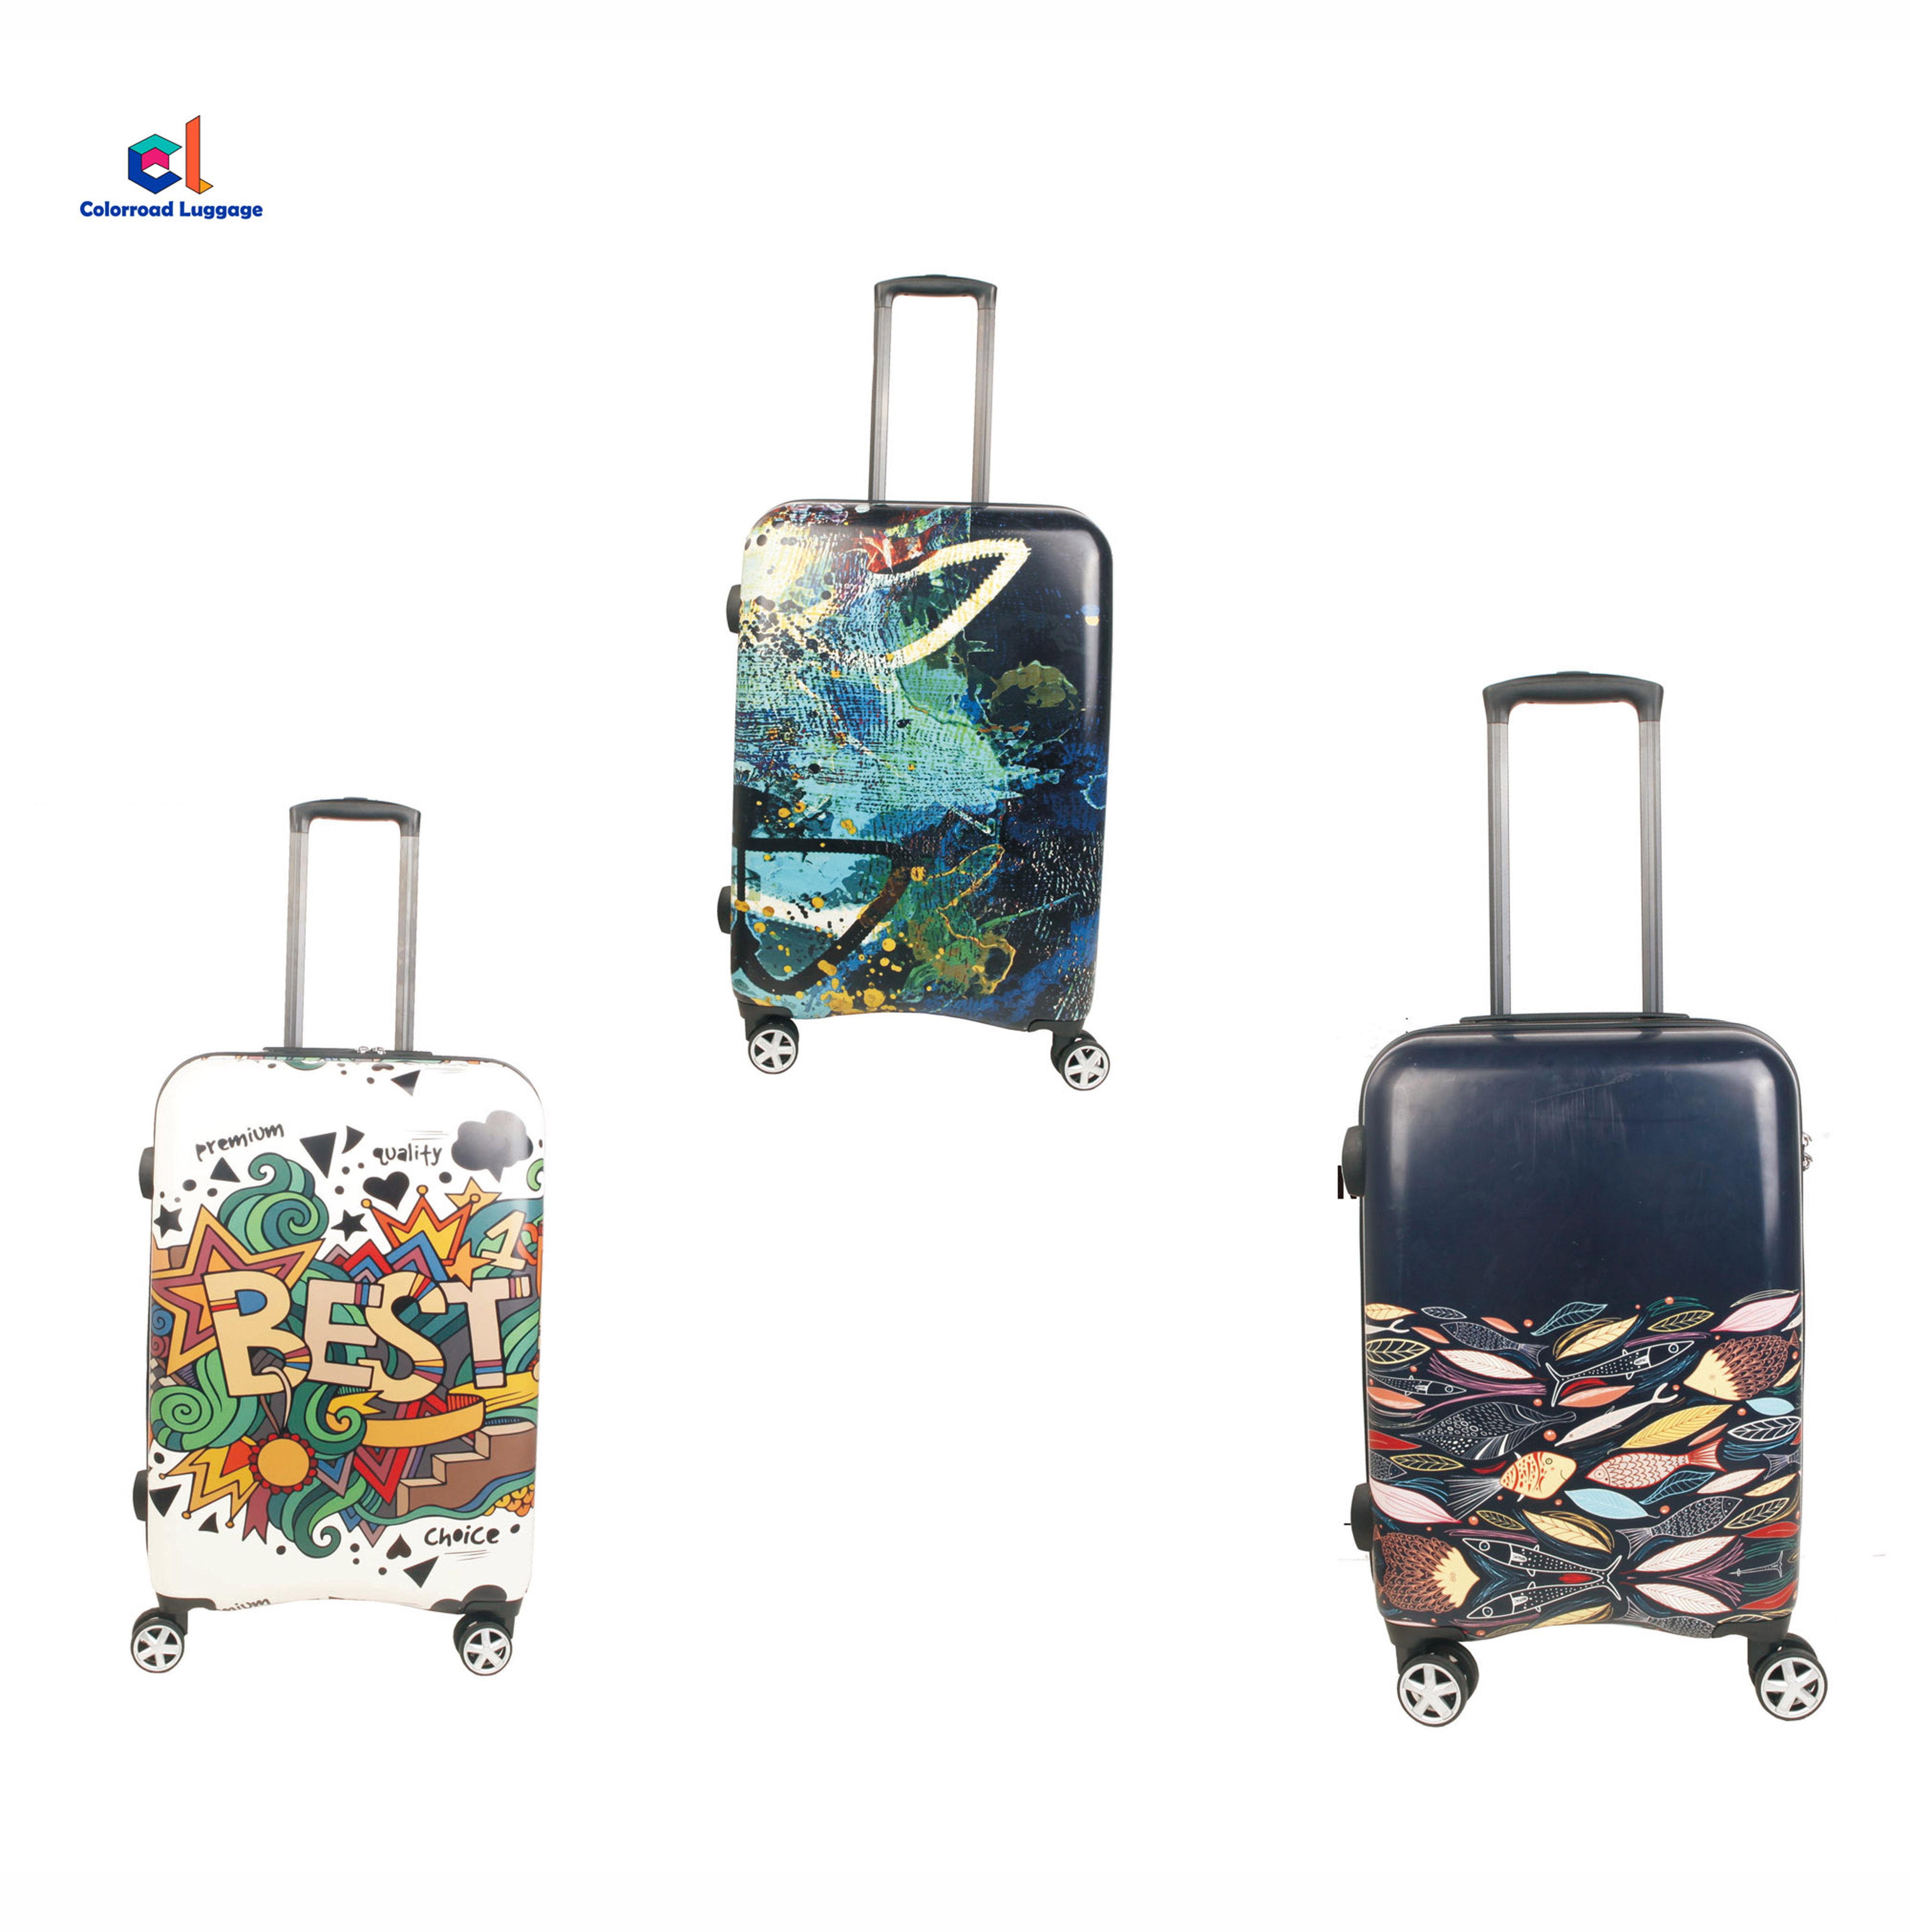 9c94eabeaf5 China Stock Trolley Luggage